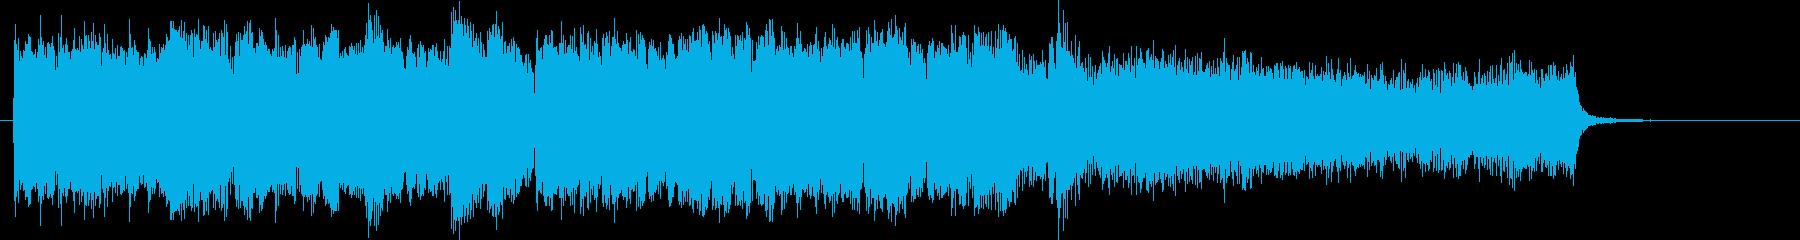 アイルランド民族楽器のケルト音楽バラードの再生済みの波形